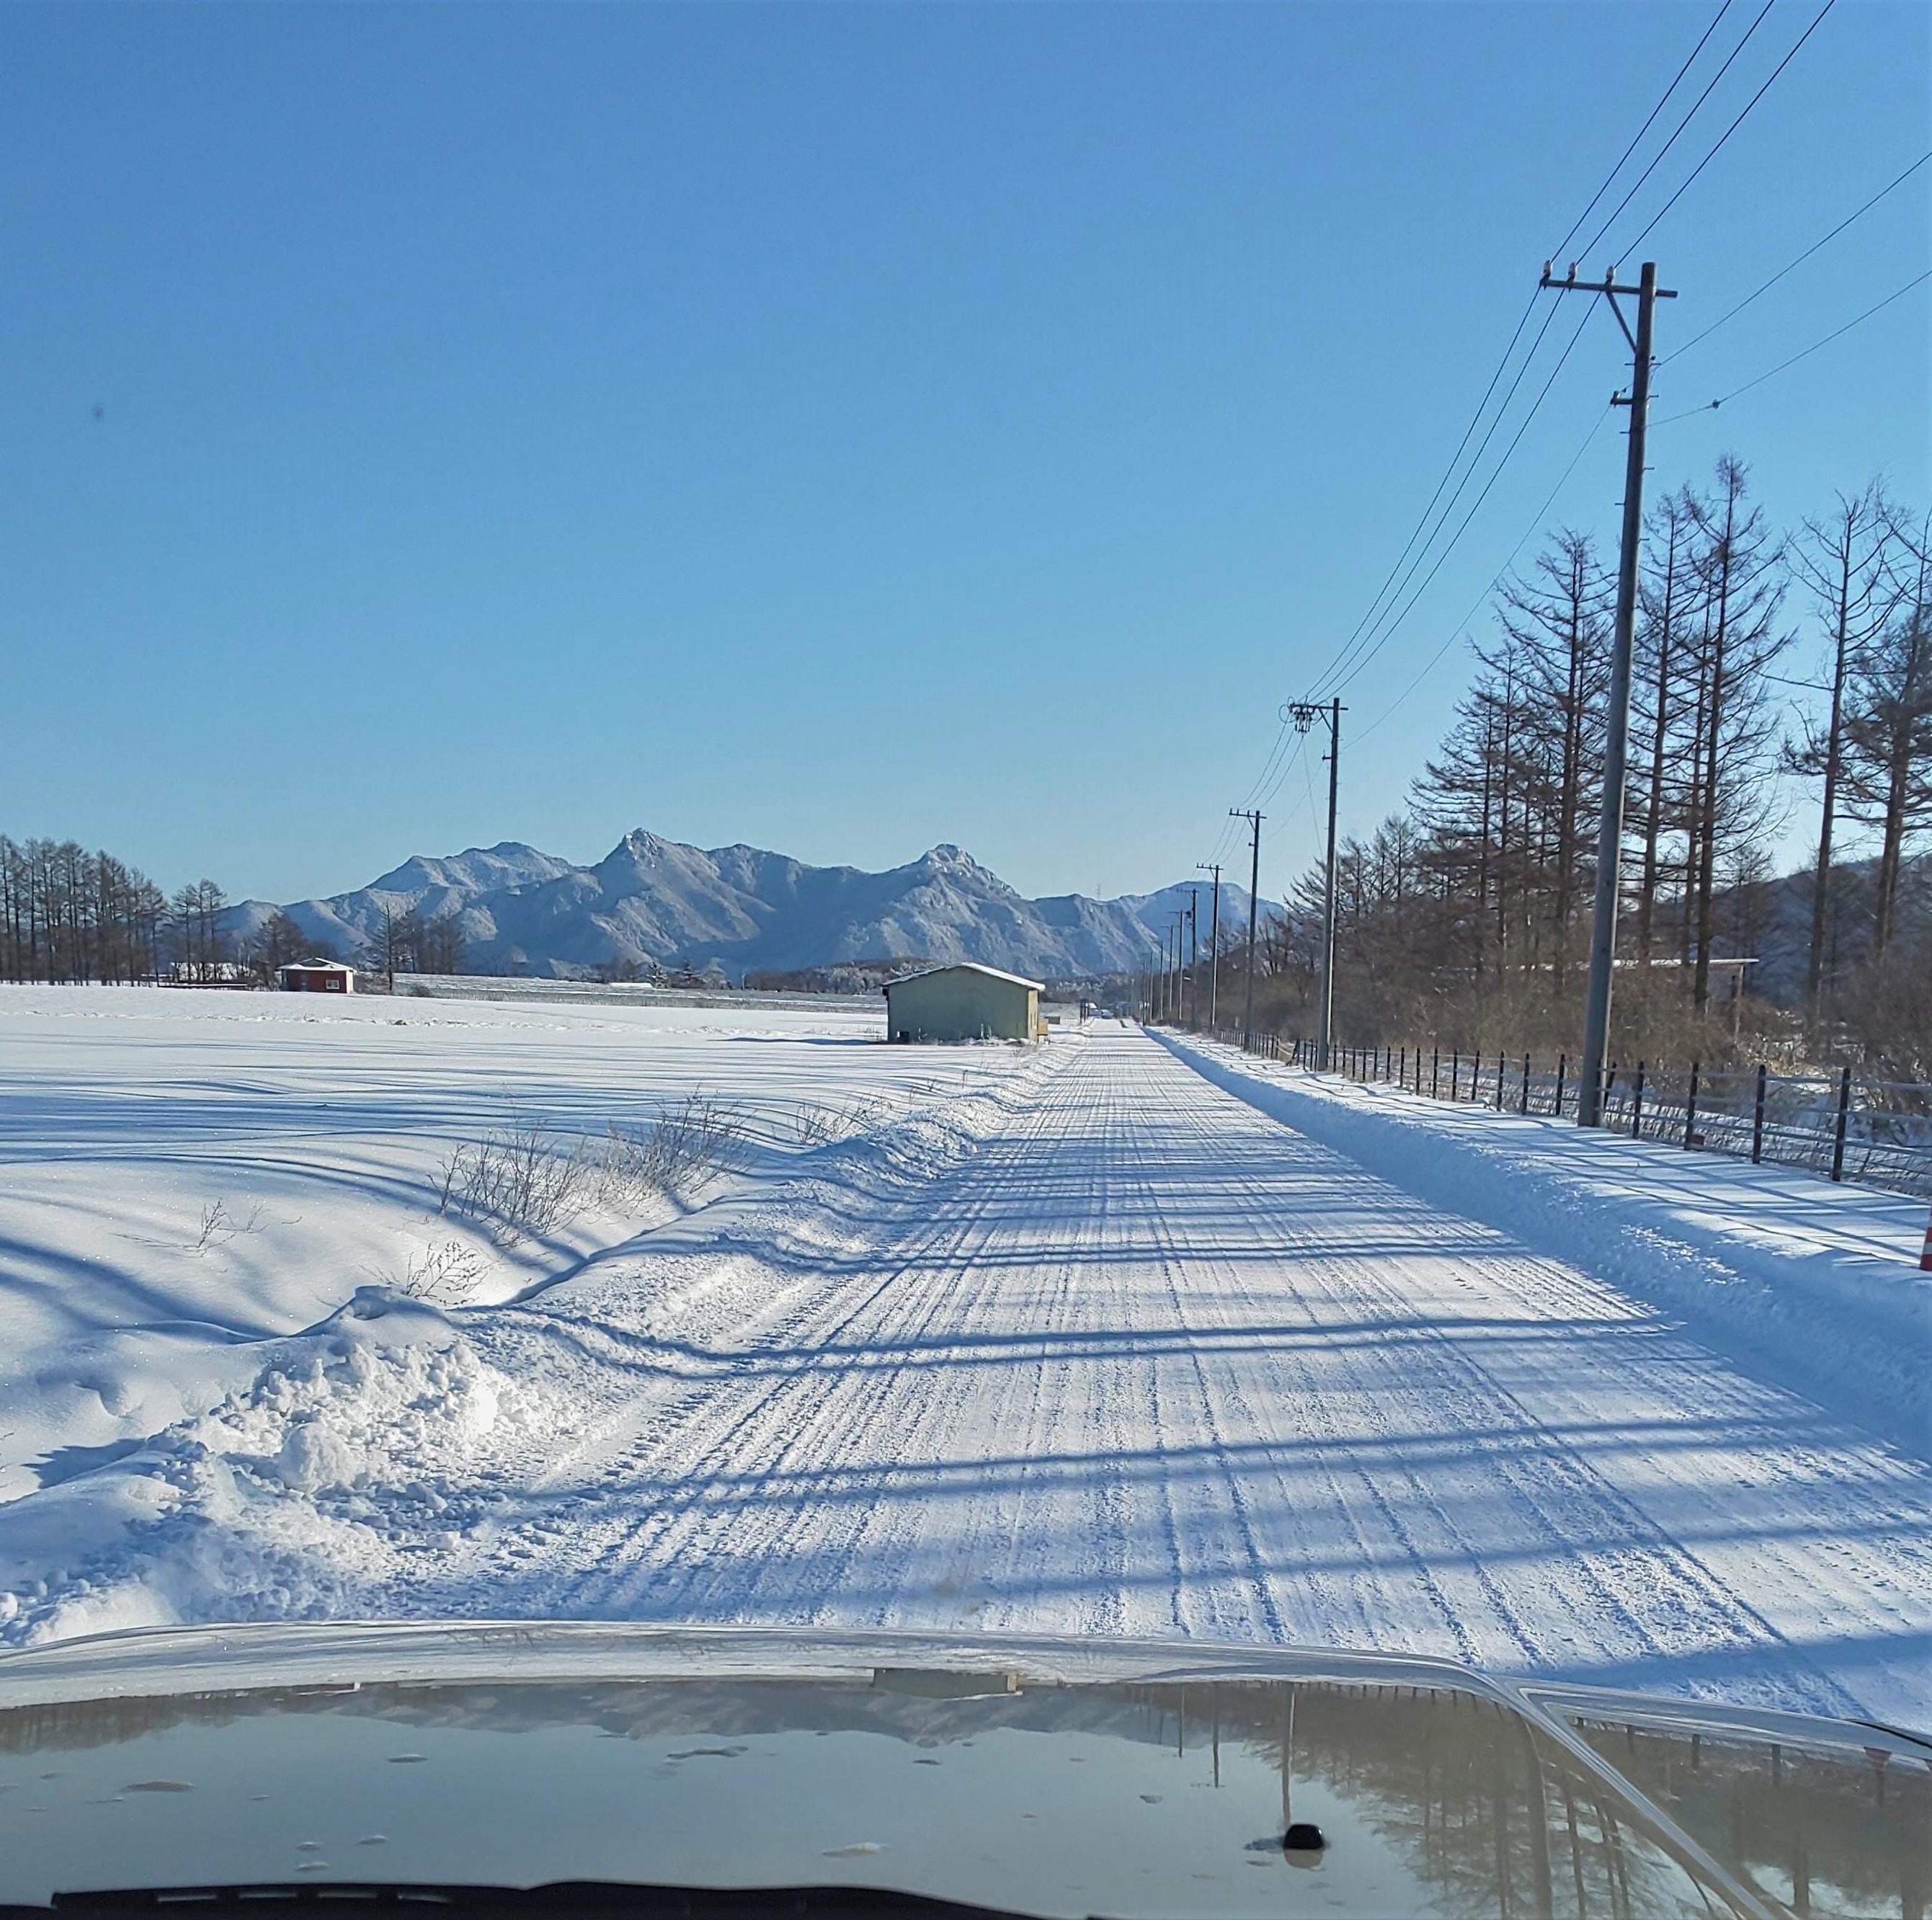 おっさん雪中キャンプの1週間前の景色